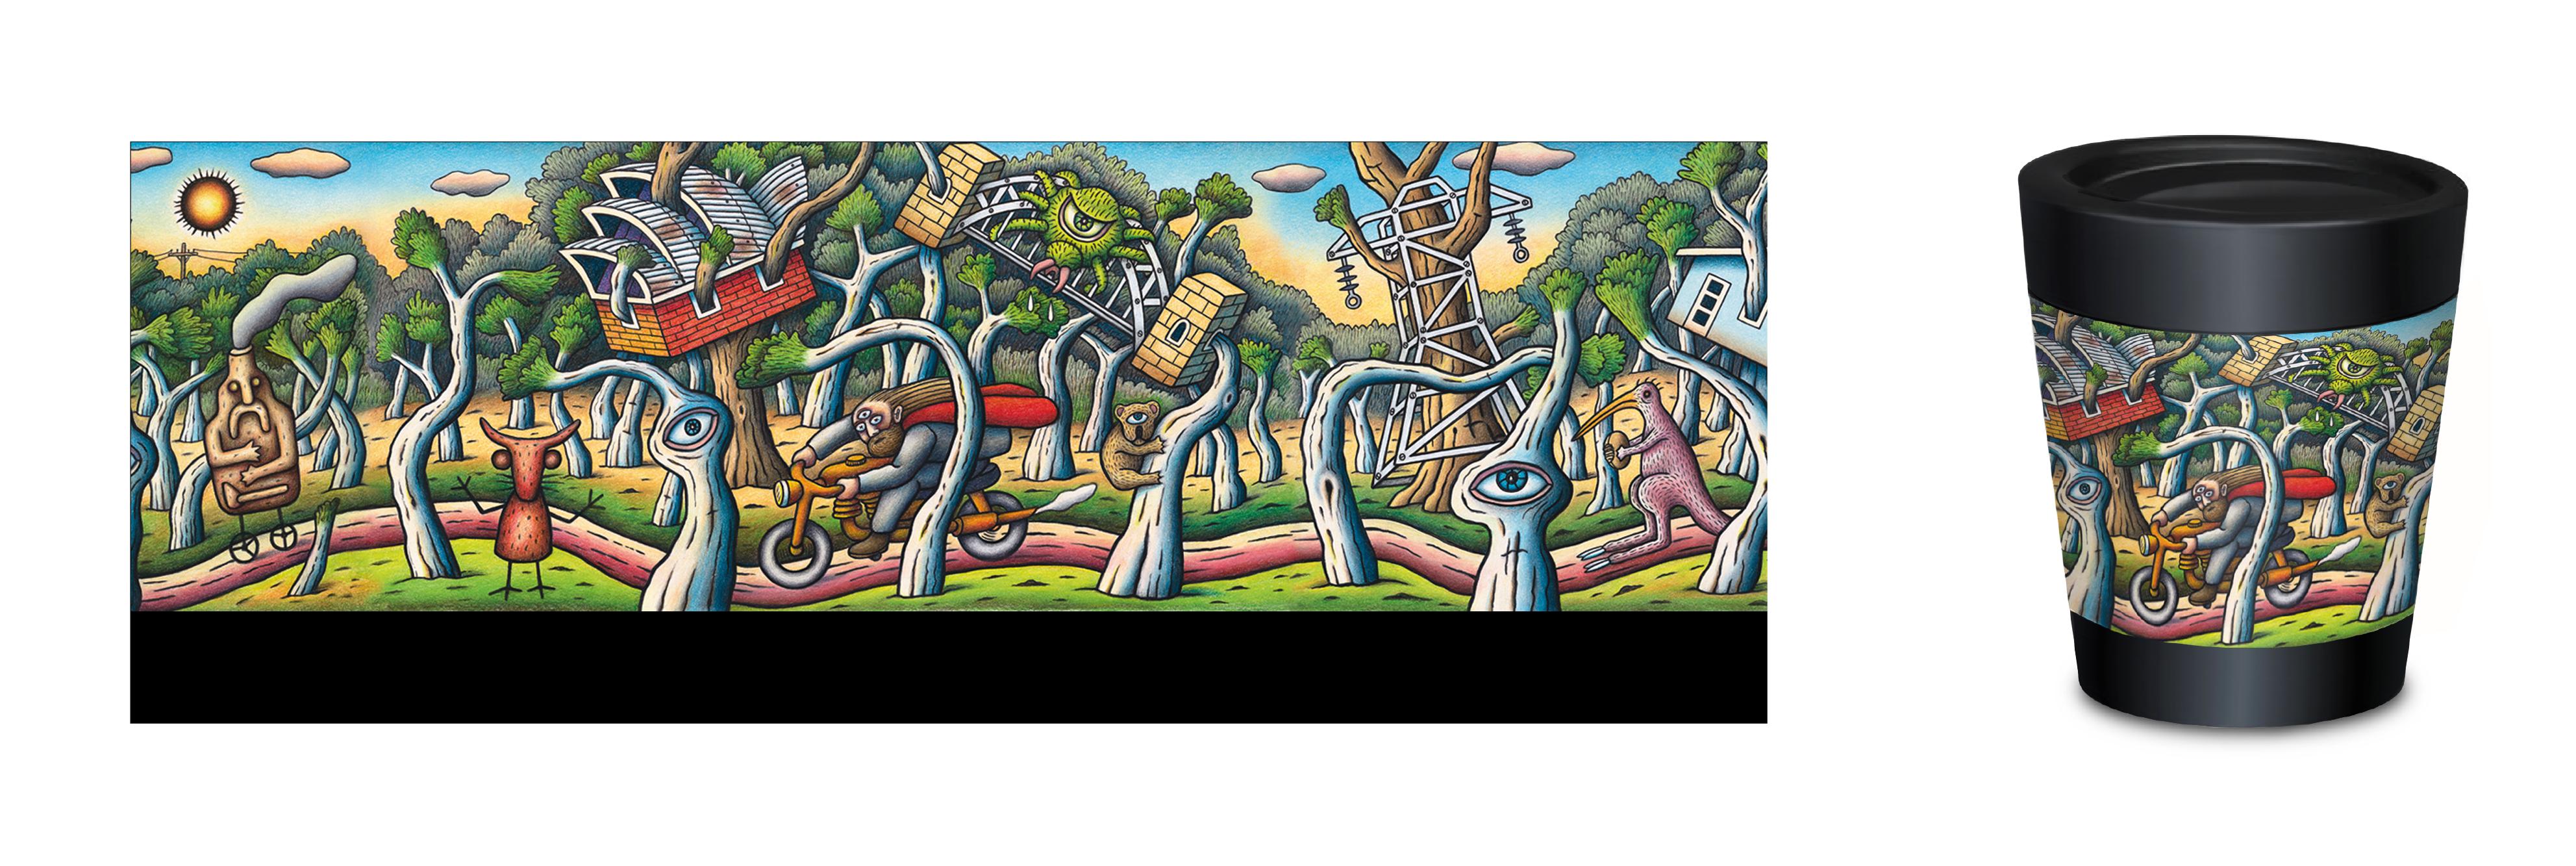 Mobassa Mural